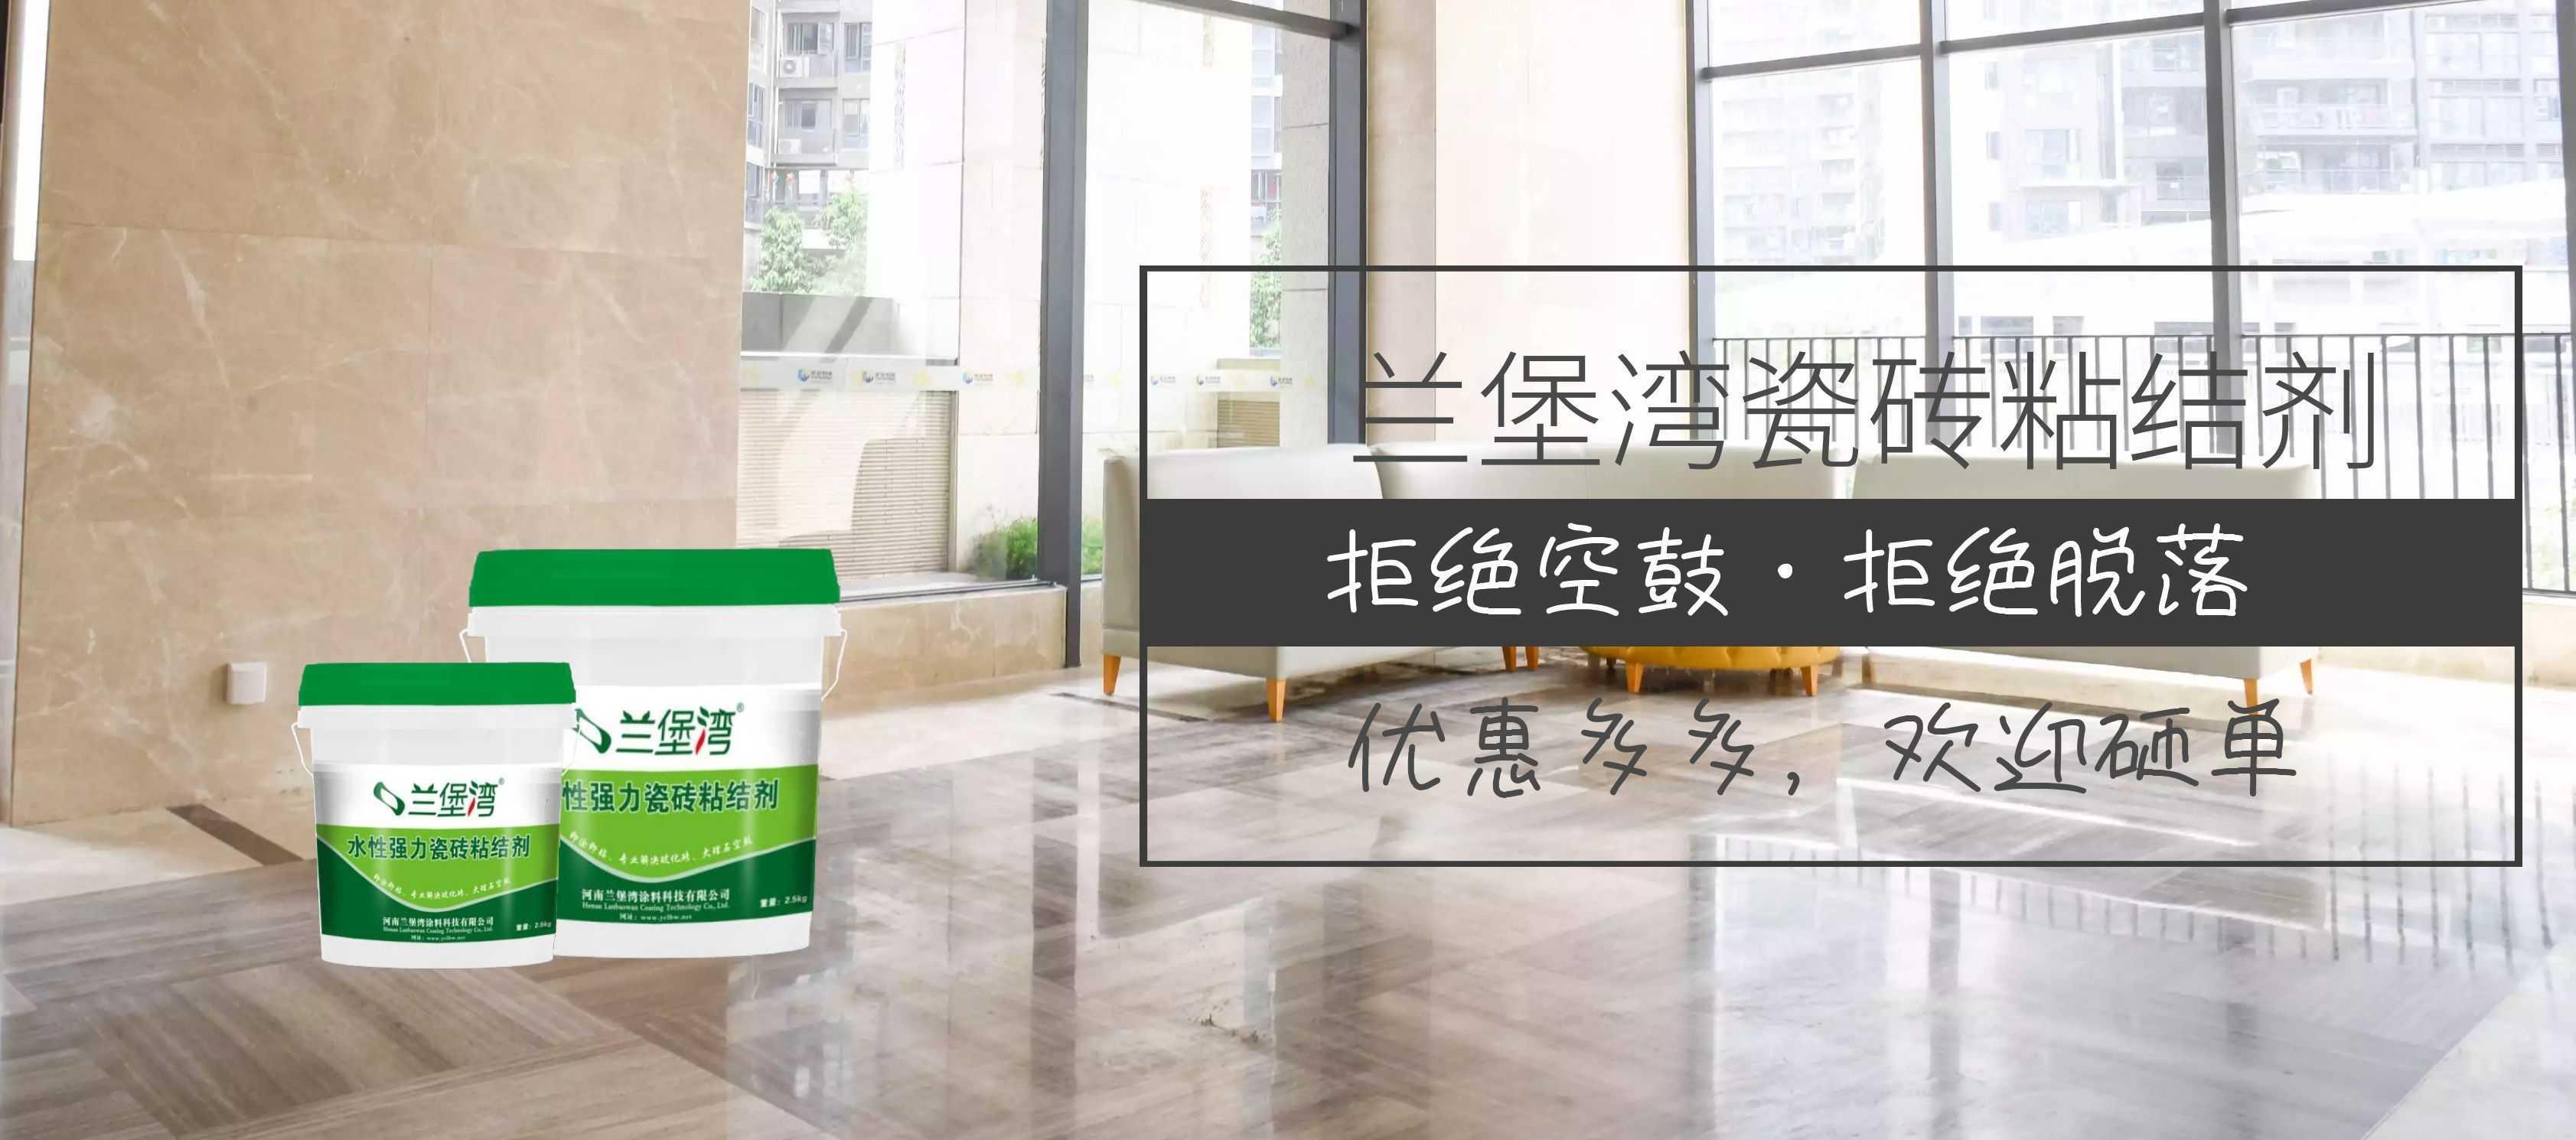 瓷砖上墙,为什么很多人选择瓷砖粘结剂?